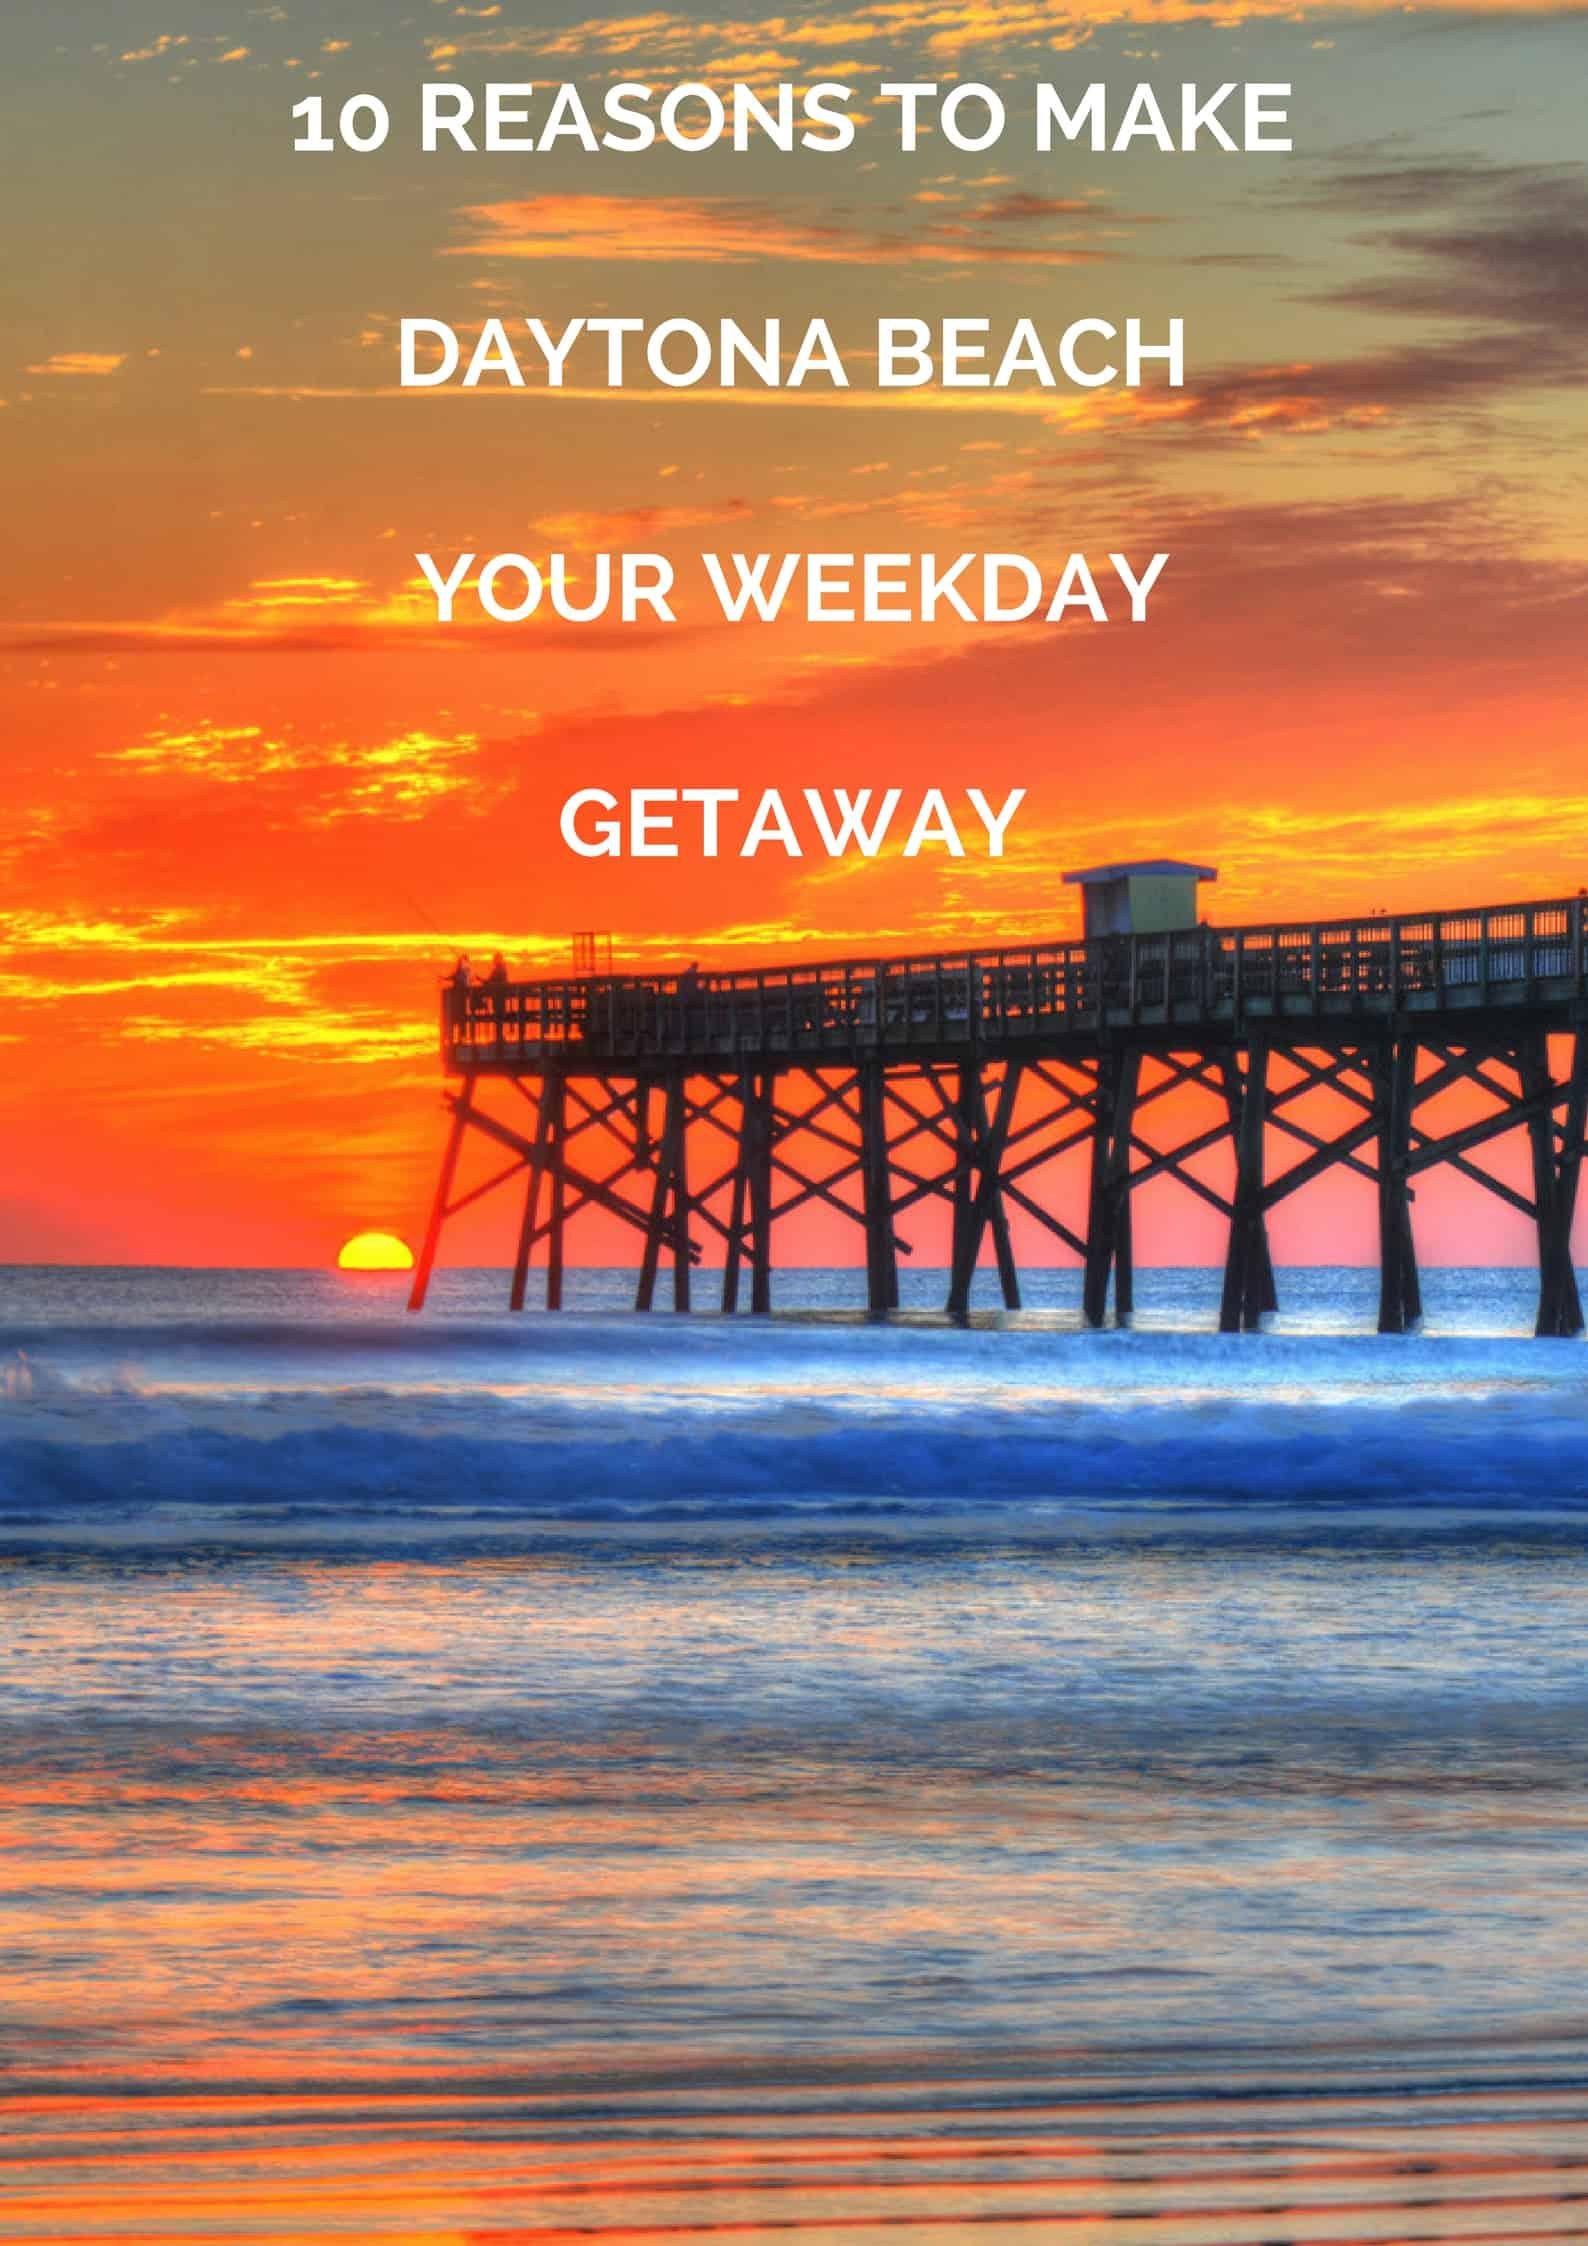 10 Reasons To Make Daytona Beach Your Weekday Getaway! #WeekdayGetaway #DaytonaBeach #ad